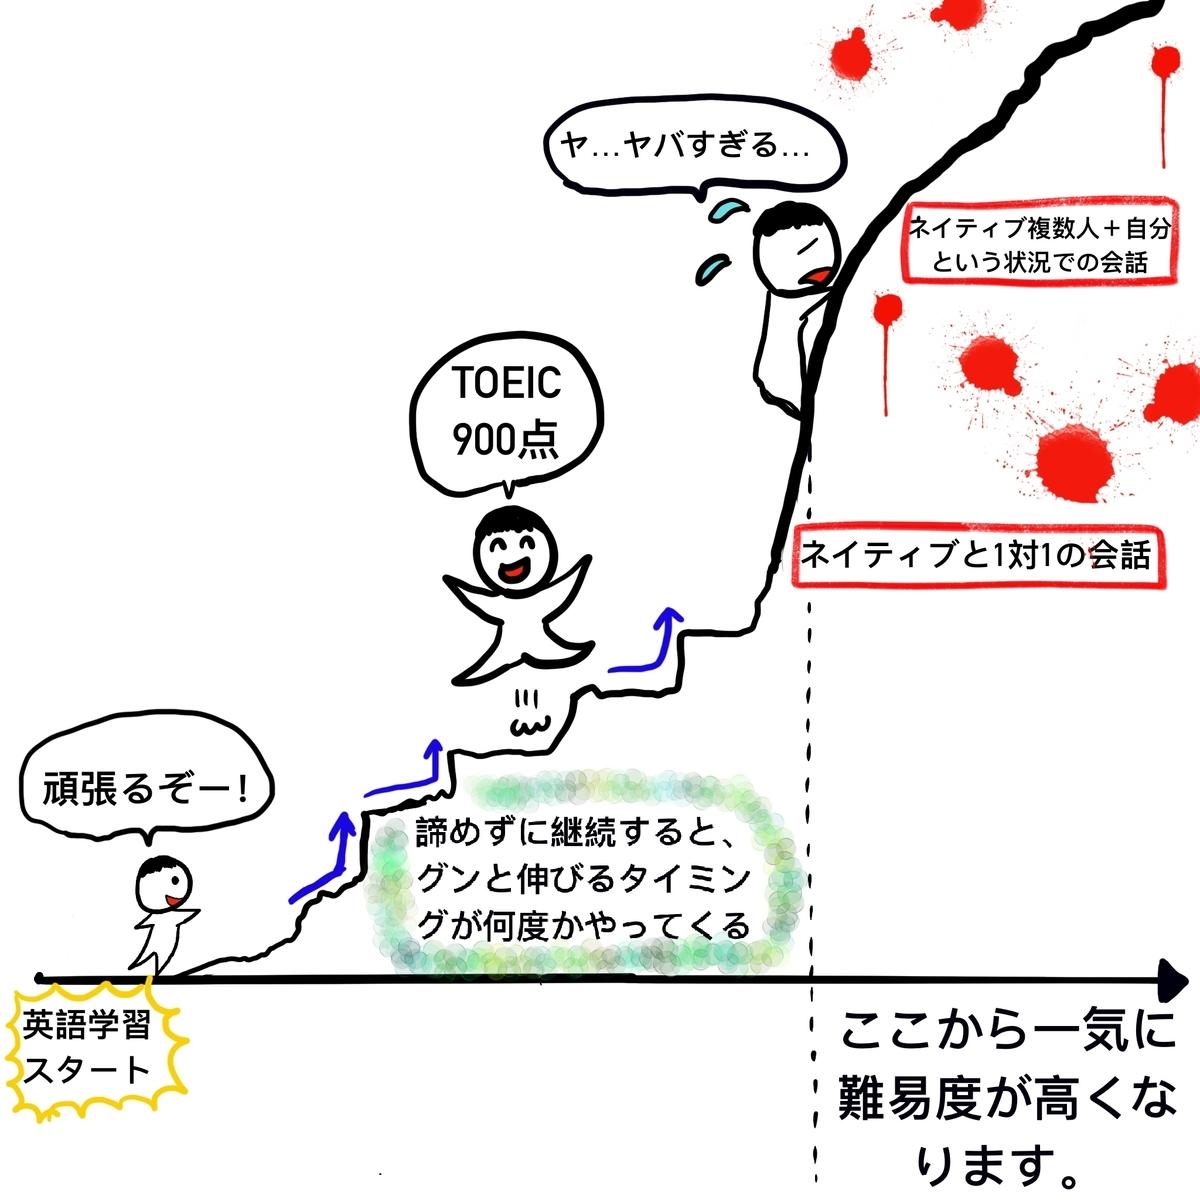 f:id:c-omori-0610:20200330081939j:plain